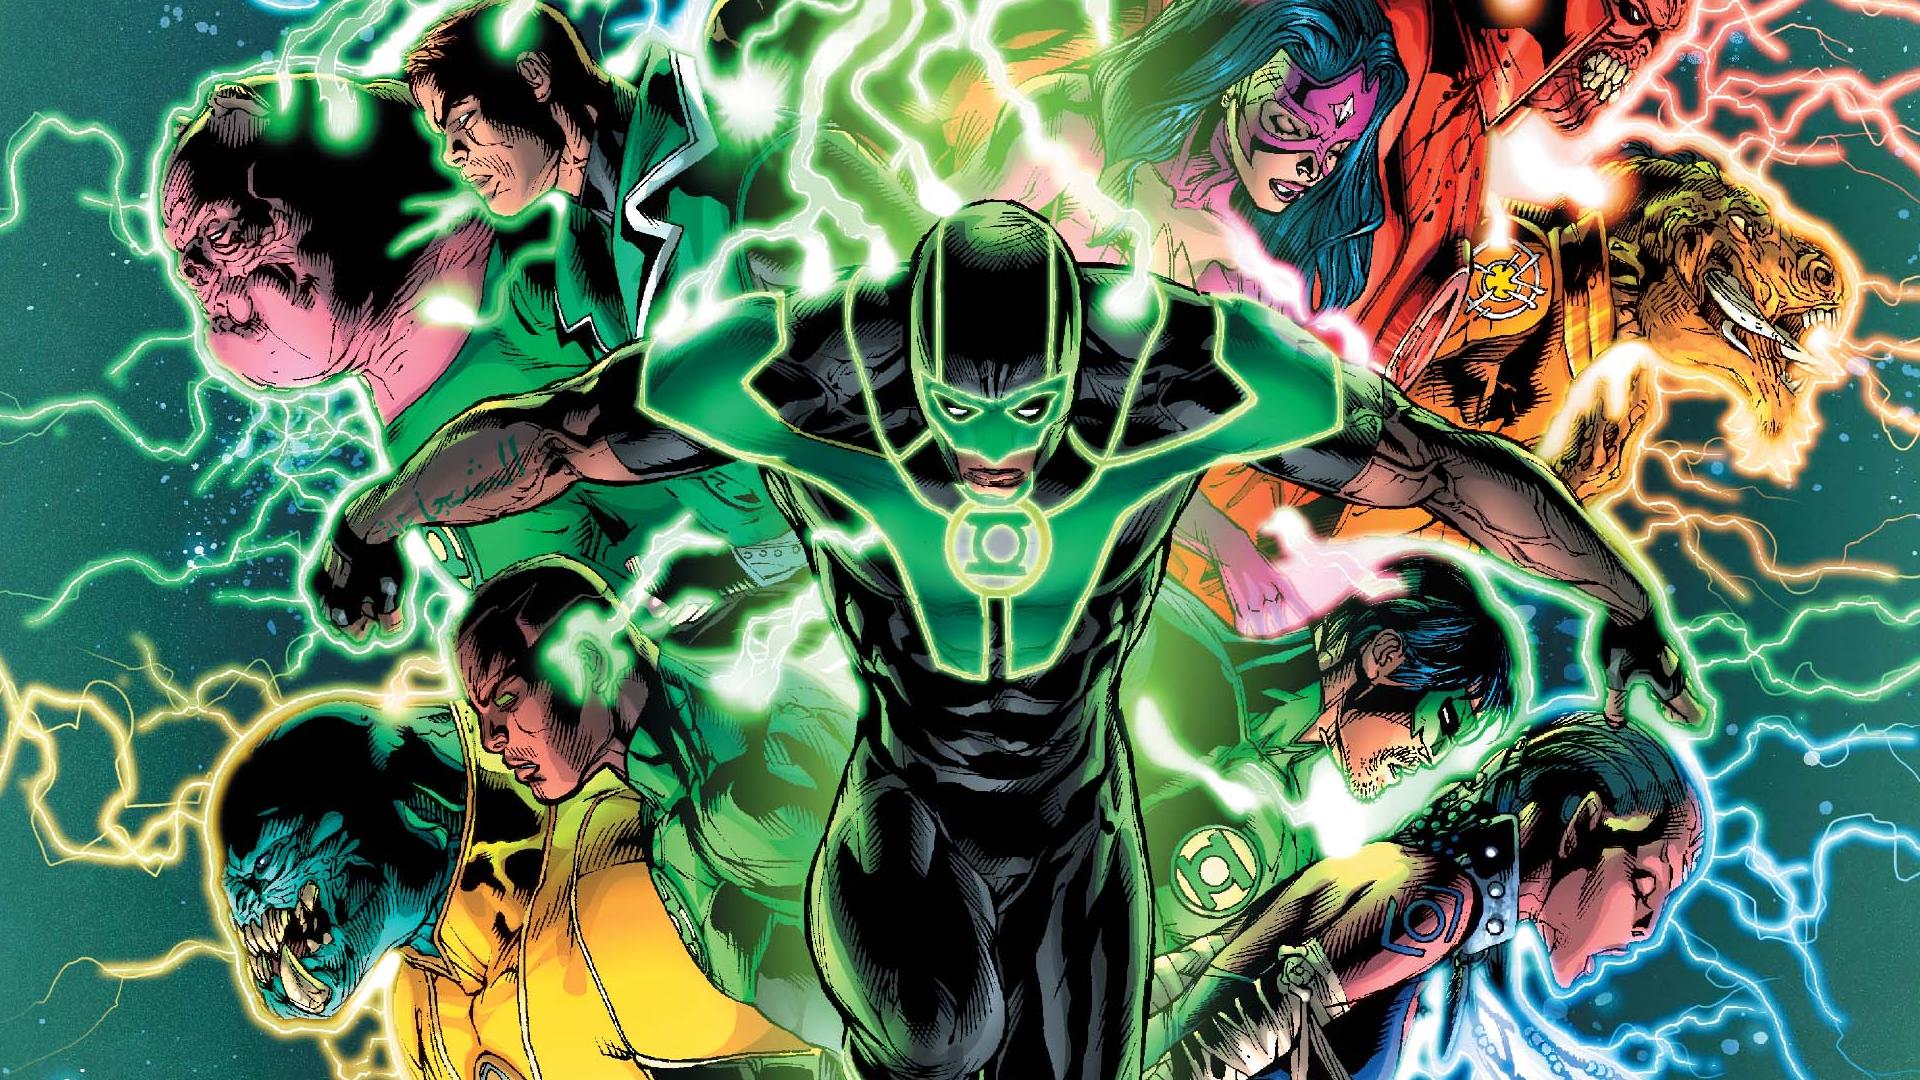 Green Lantern Comic hd Wallpaper Comics Green Lantern 1920x1080